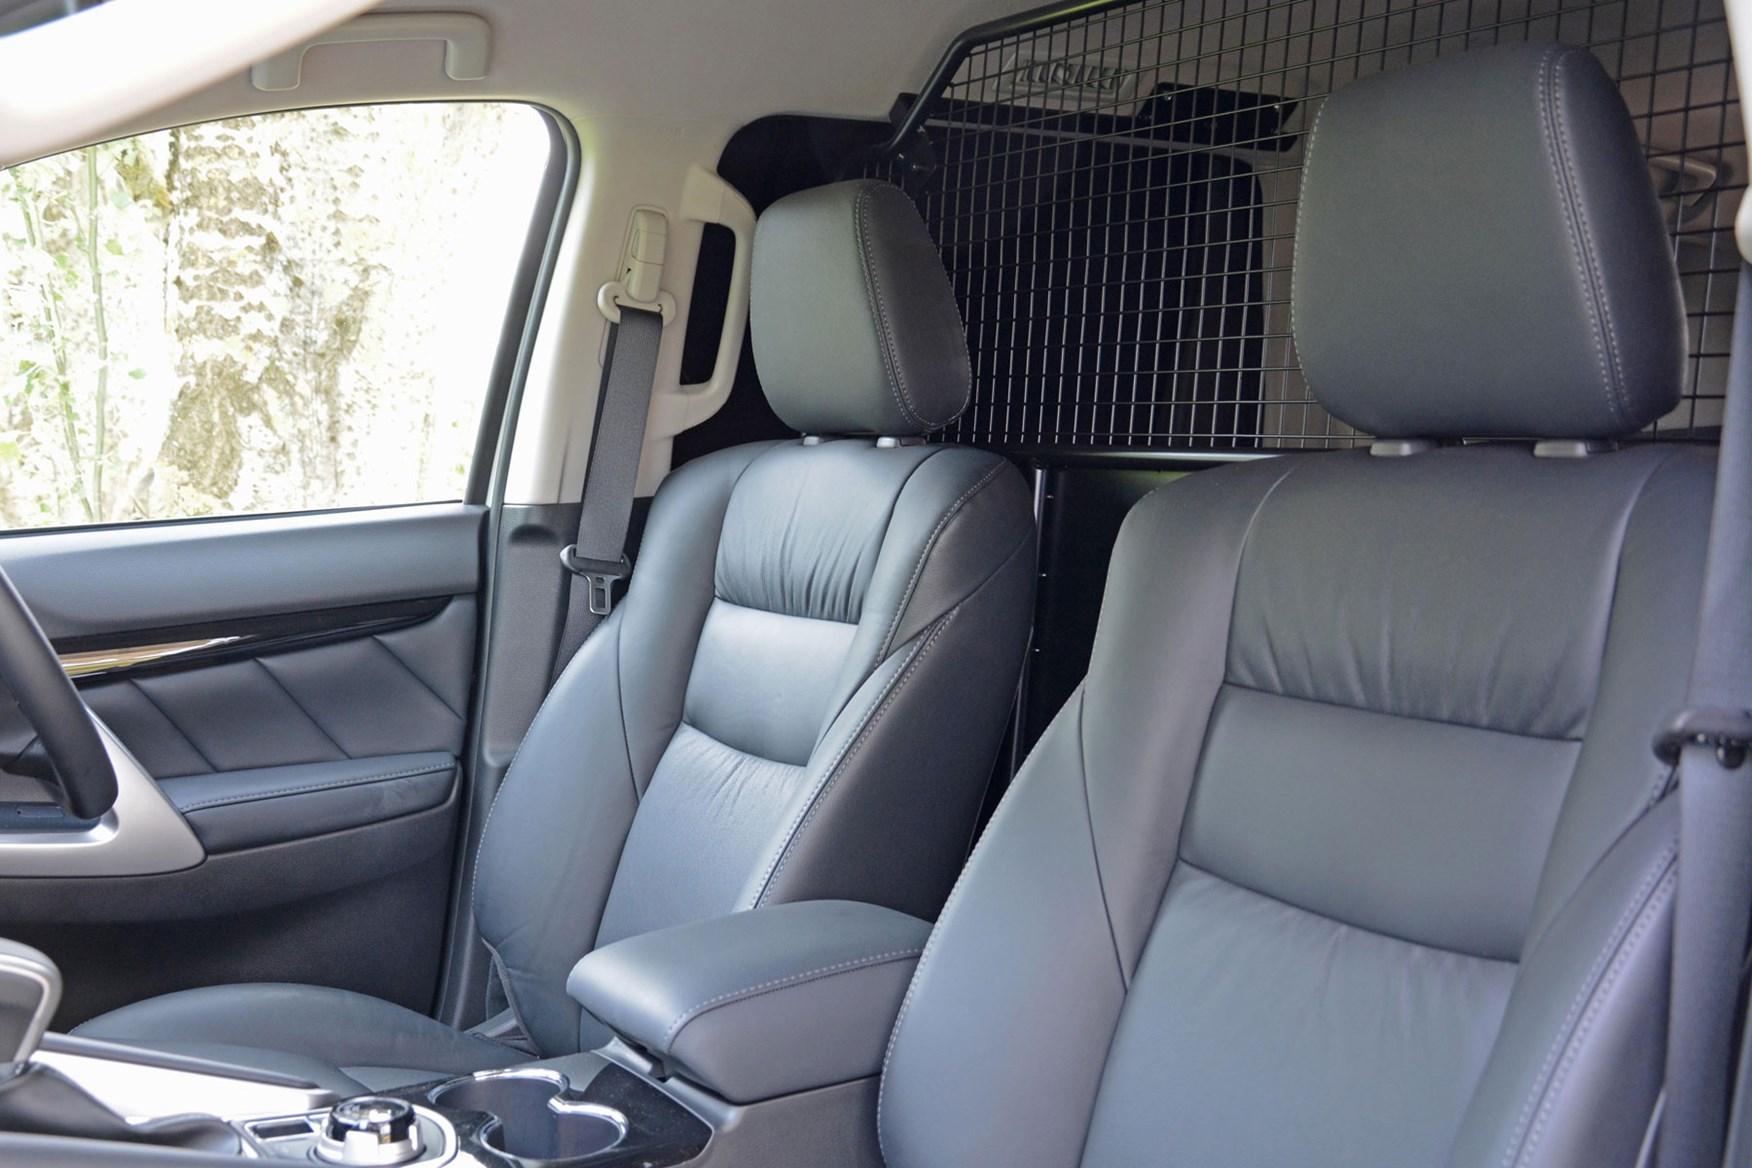 Mitsubishi Shogun Sport Commercial 4x4 van review - seats and bulkhead